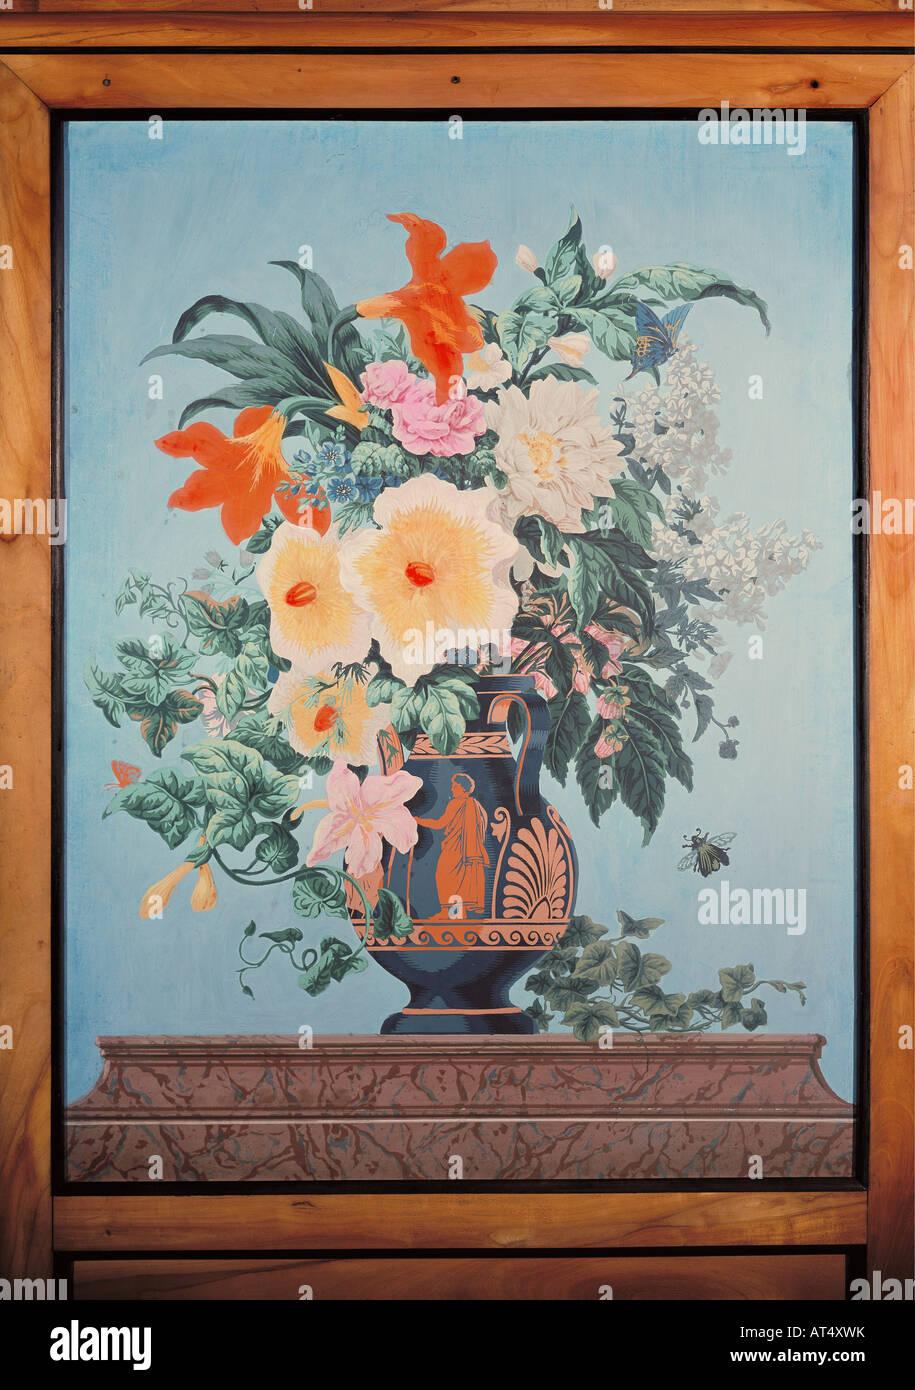 Beaux-arts, la peinture, la nature morte, bouquet ogf fleurs dans un vase antique, peint en couleur, écran Photo Stock